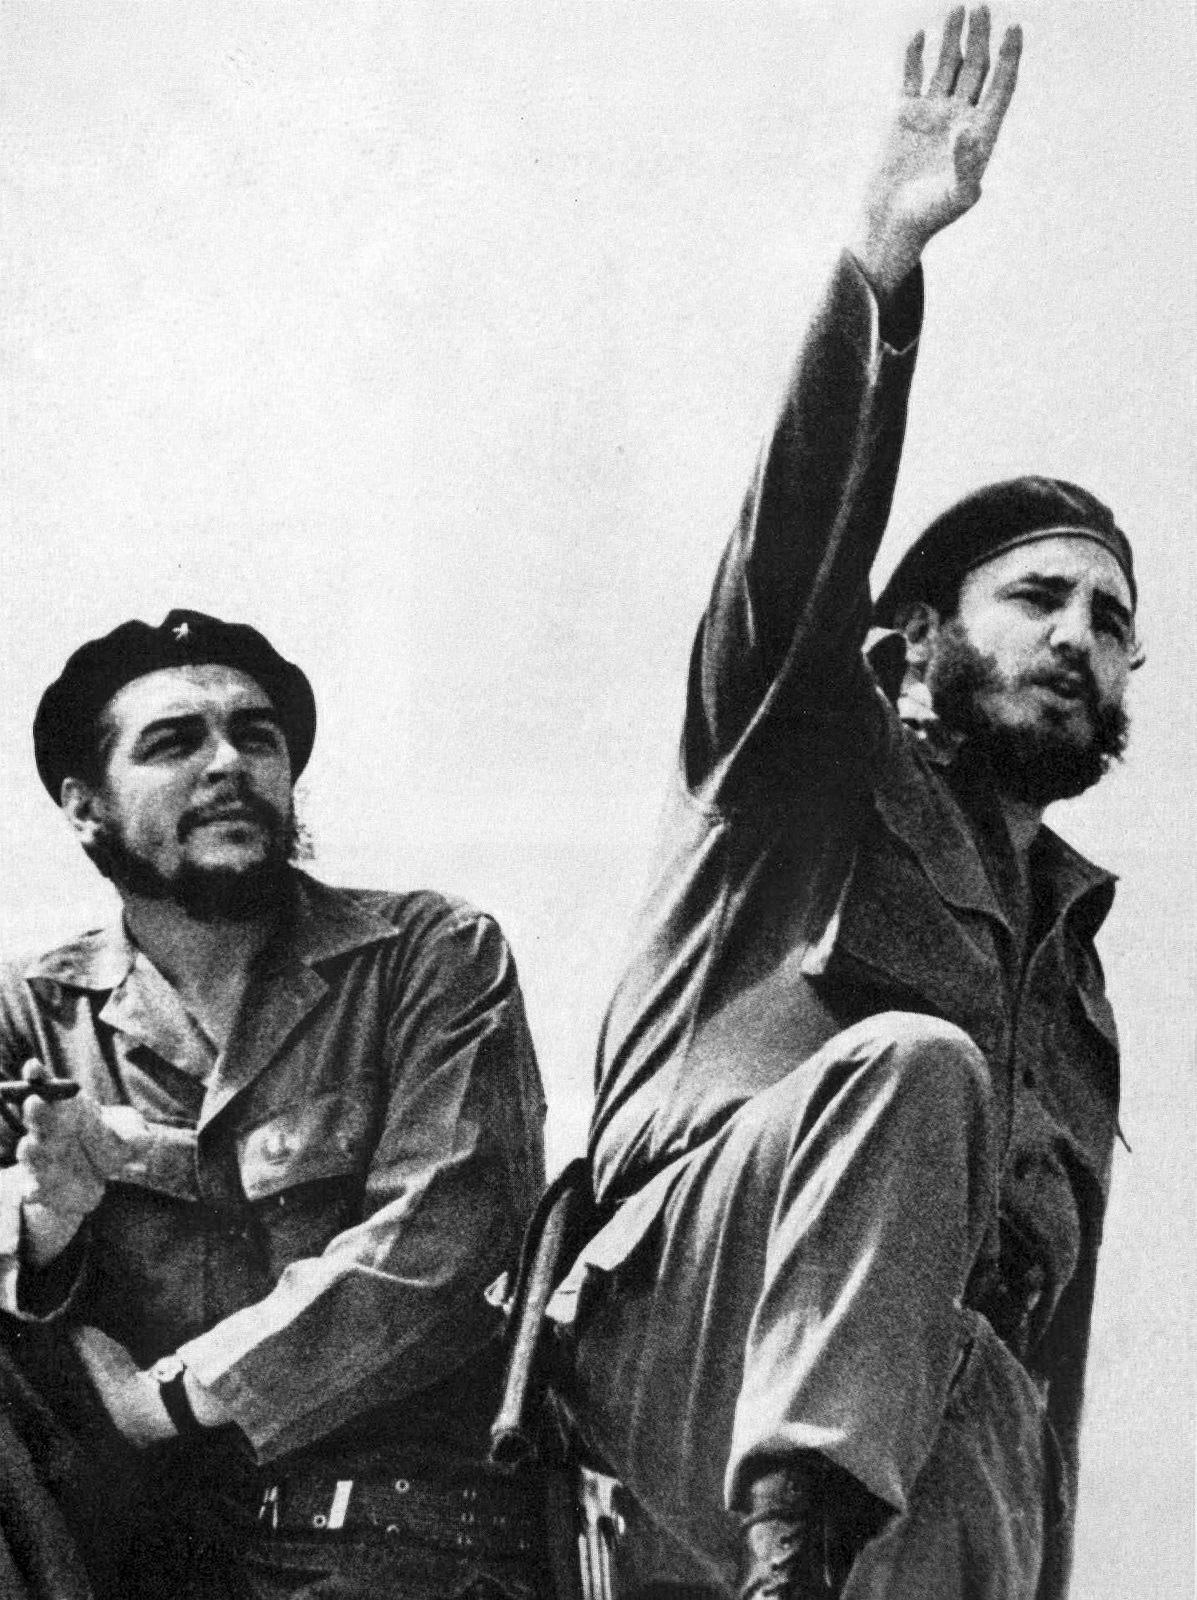 Ce a fost și ce a ajuns barba lui Fidel Castro